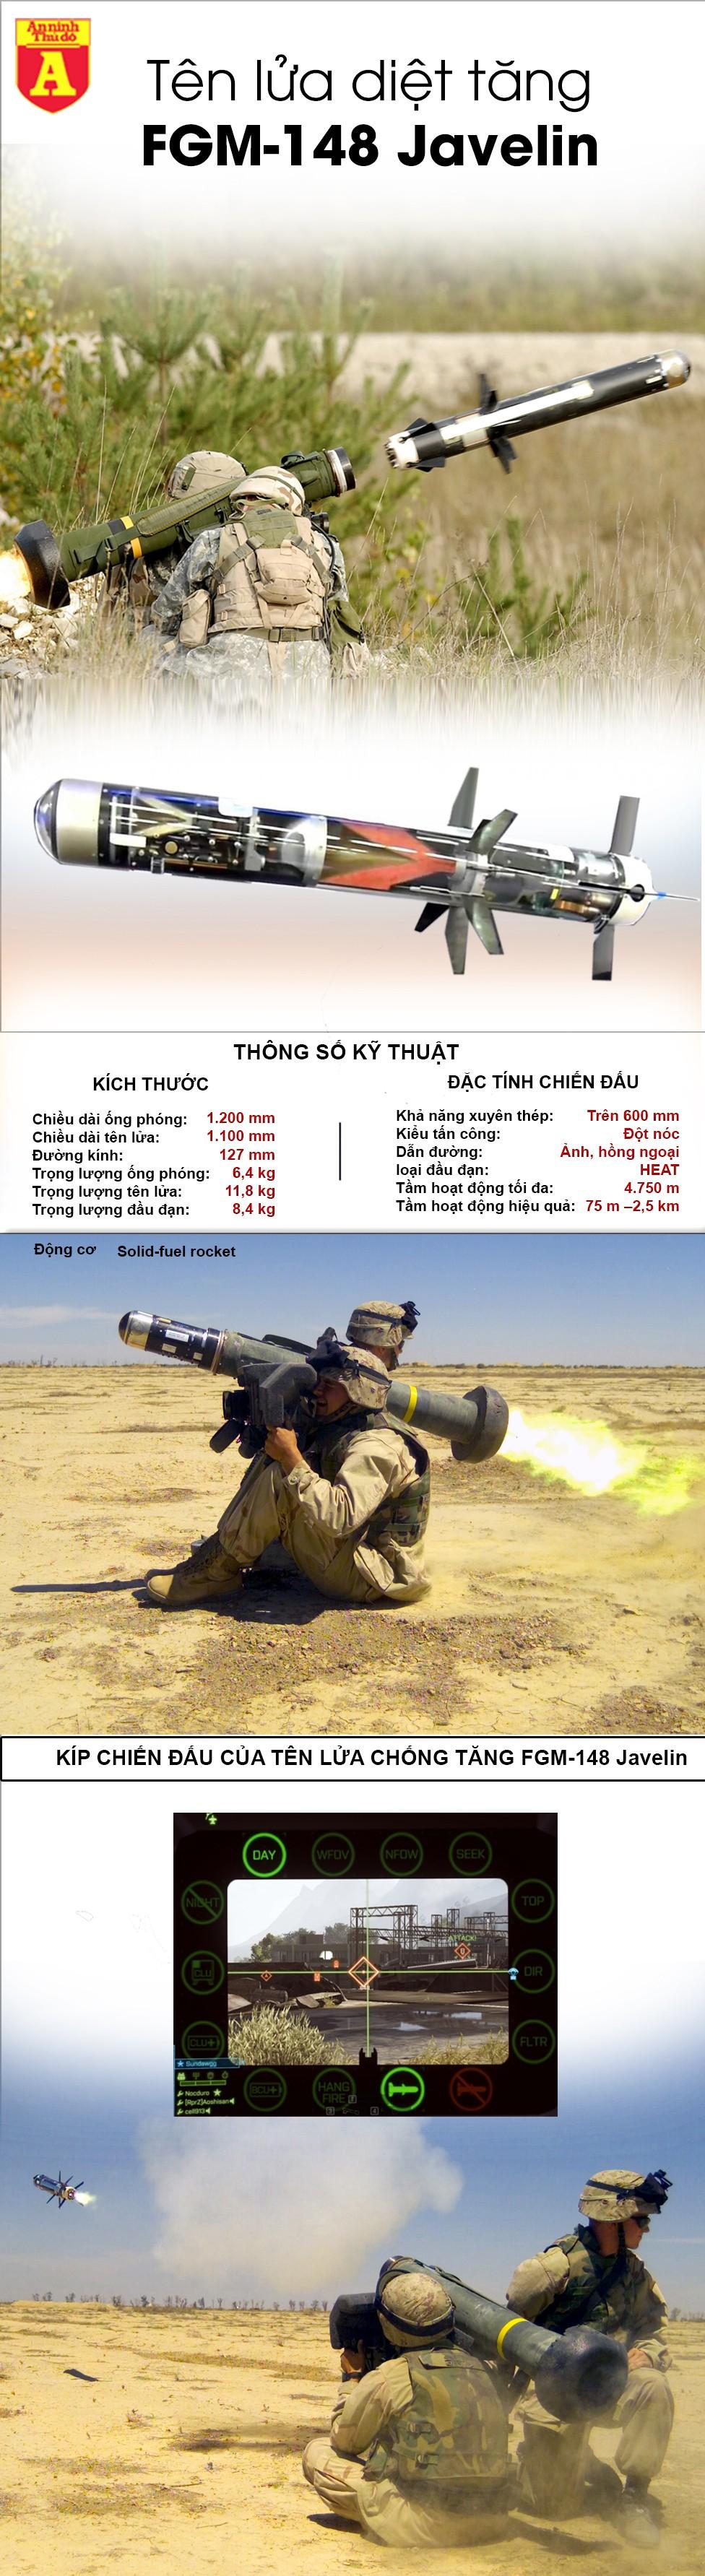 """[Infographic] Cấp sát thủ diệt tăng T-14 cho Ukraine, Mỹ khiến Nga """"nóng mặt"""" ảnh 2"""